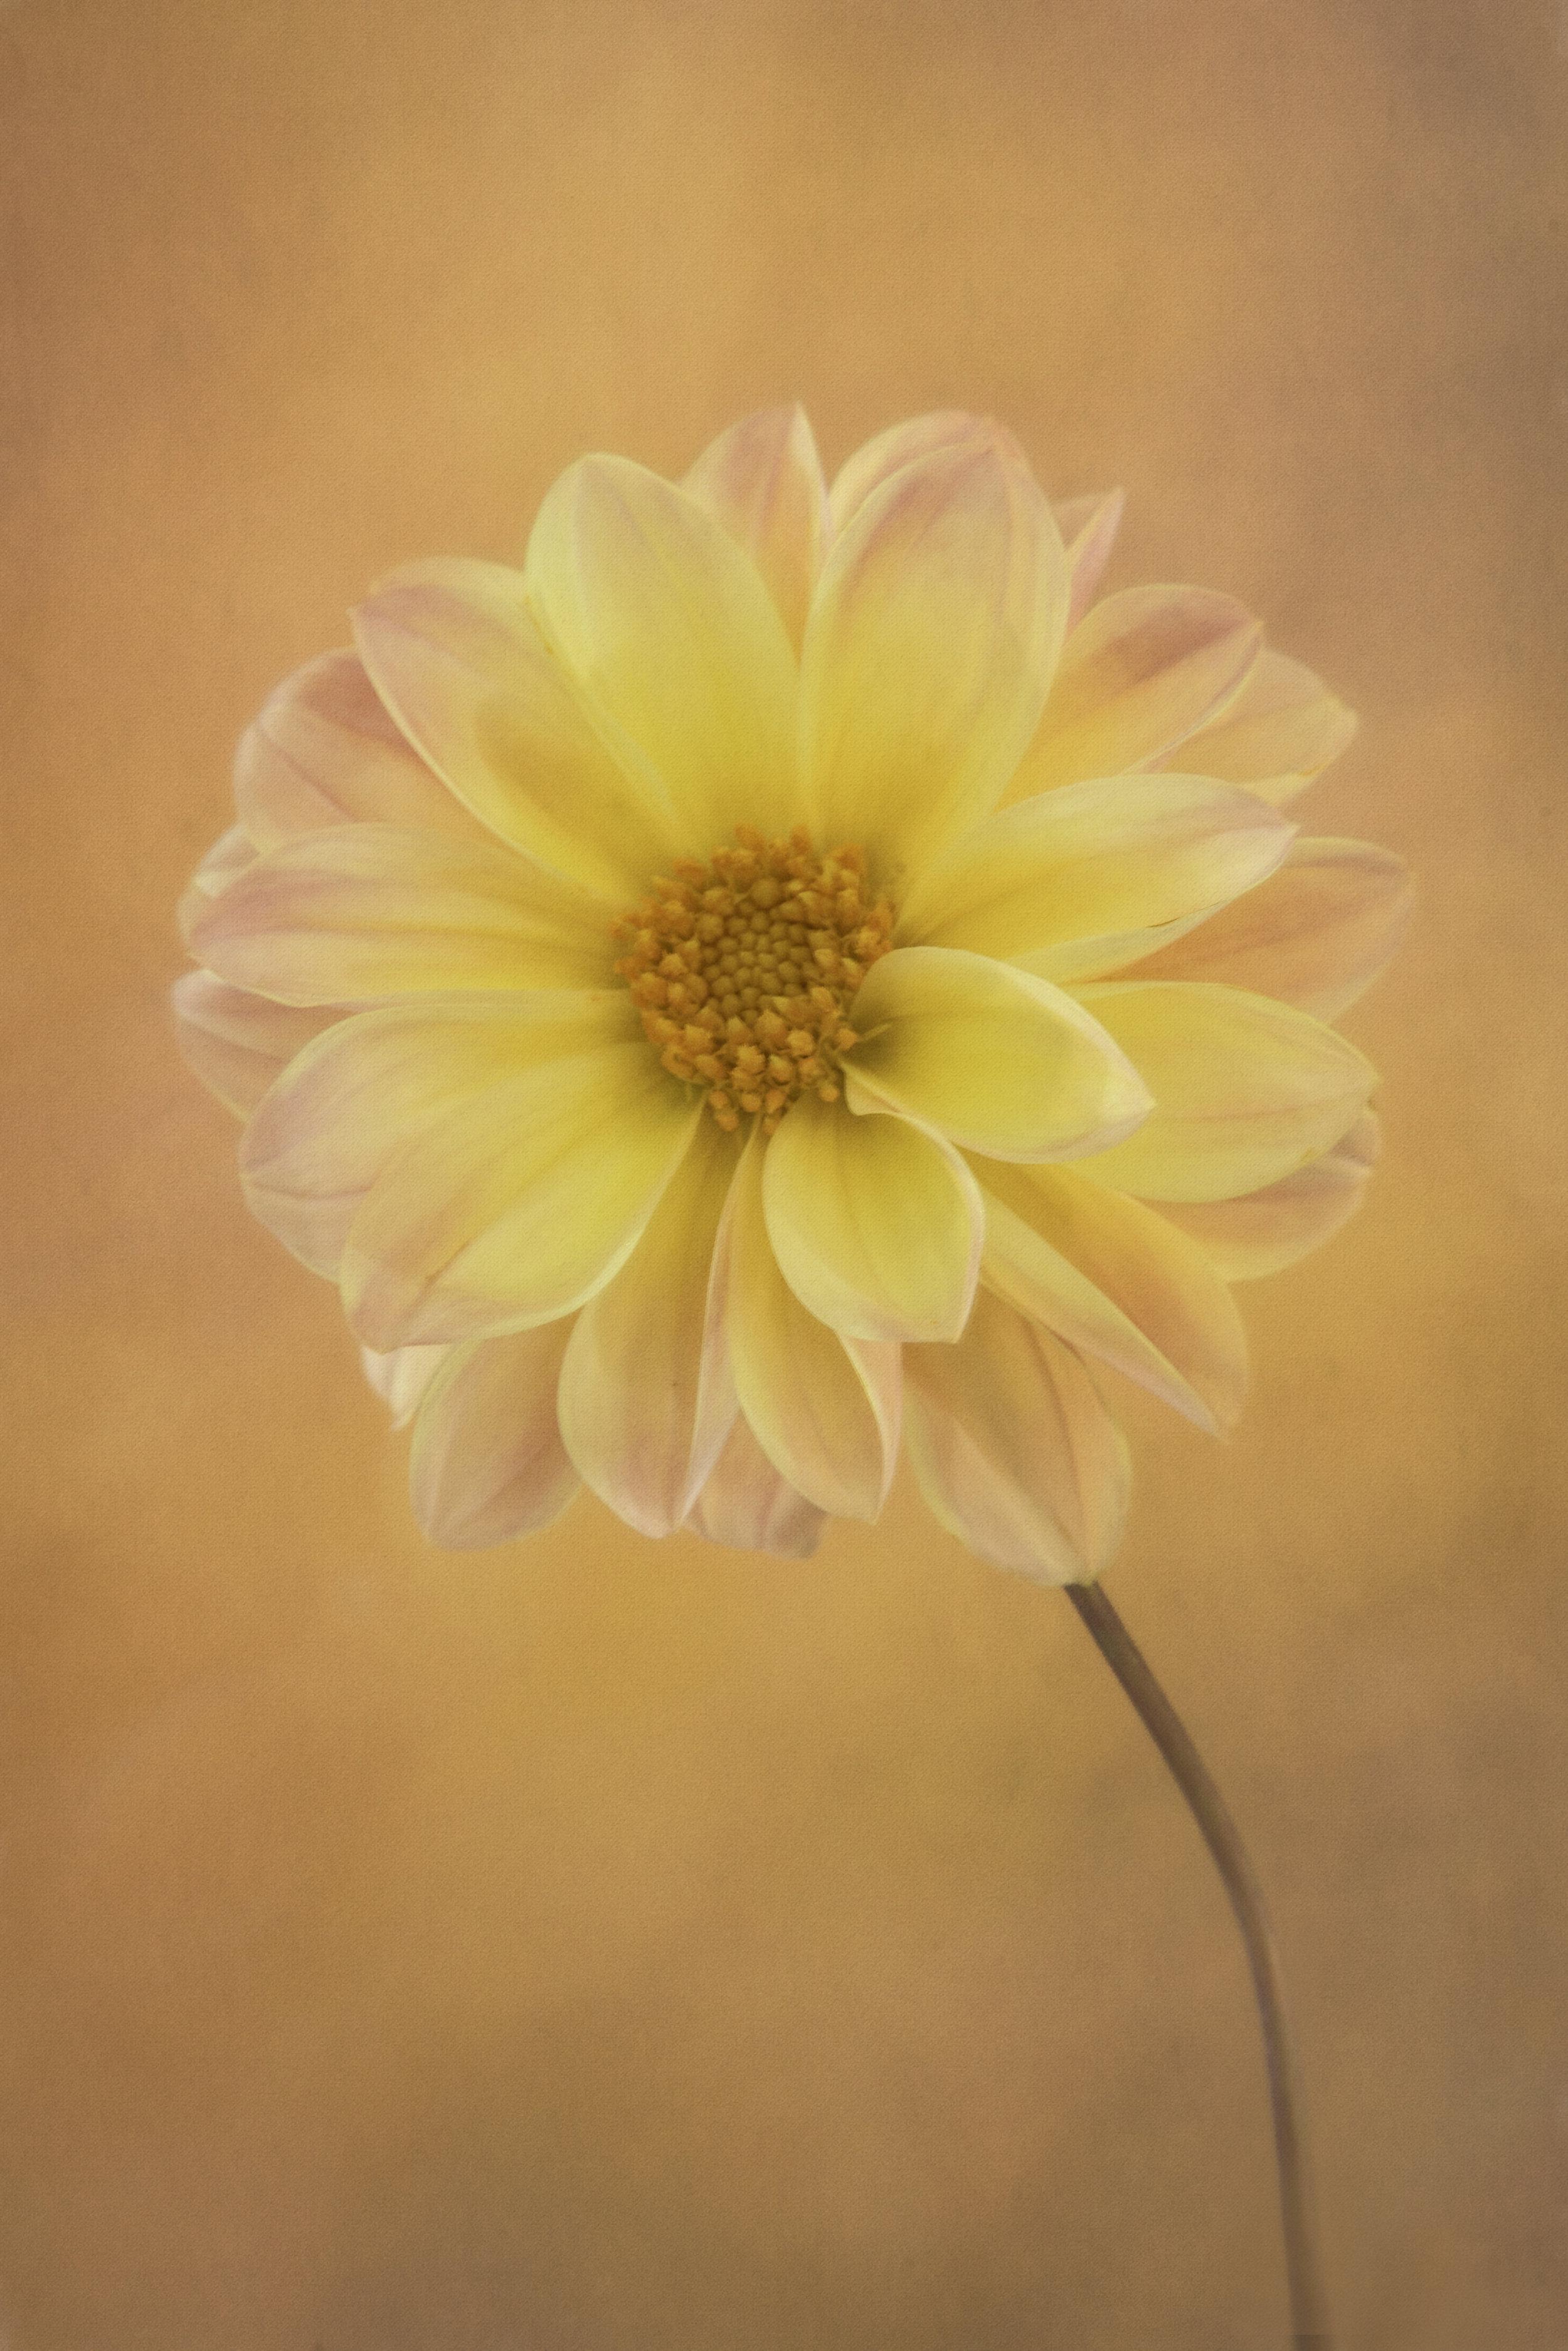 Maggie Yates Flowers-40.jpg